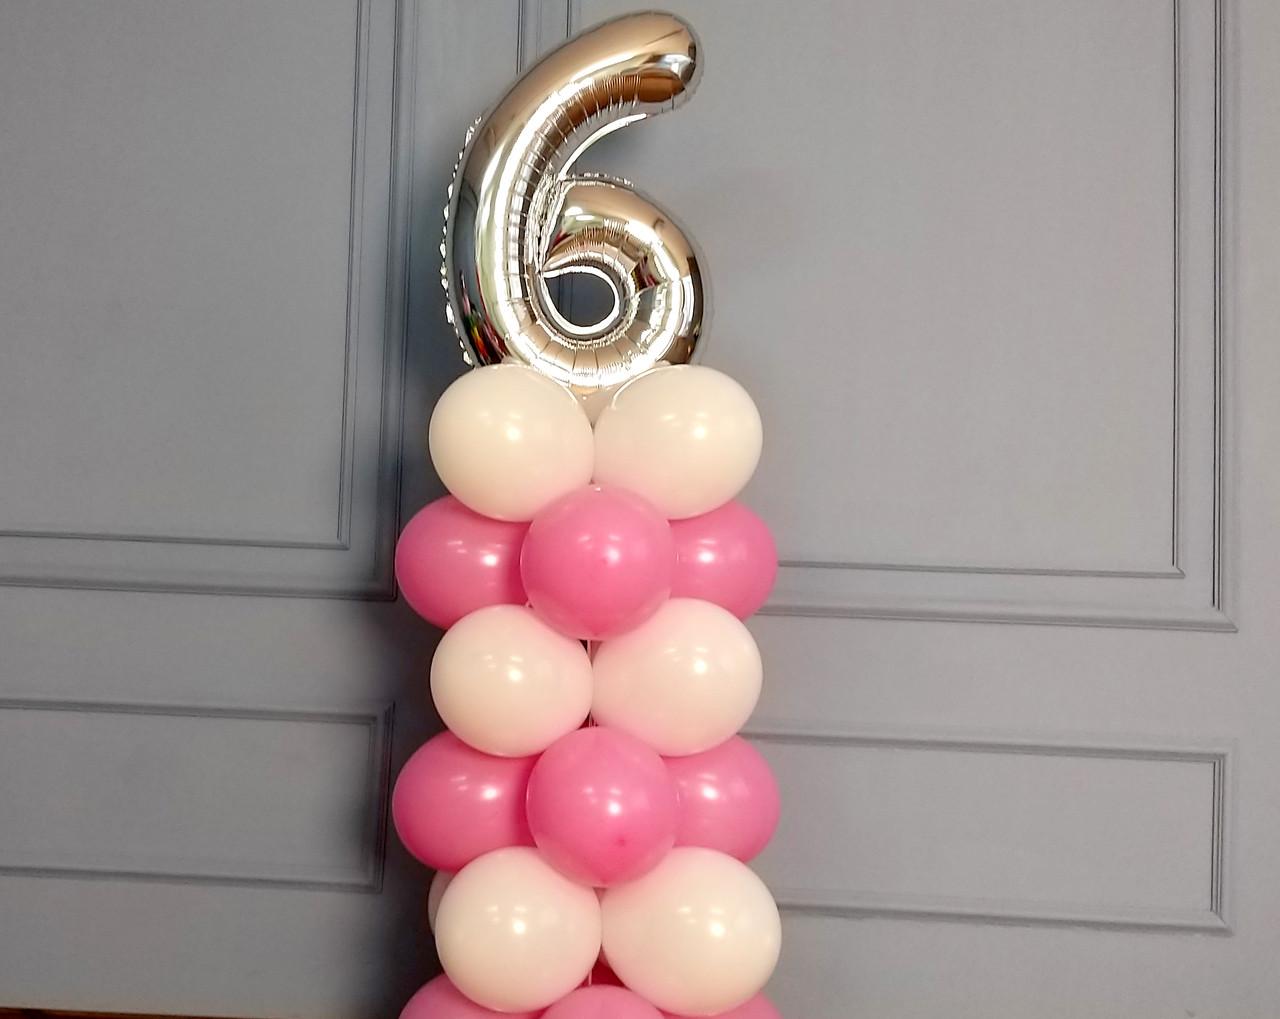 """Композиция с воздушных шариков """"Стойка с цифрой """"6"""" (бело-розовая)"""